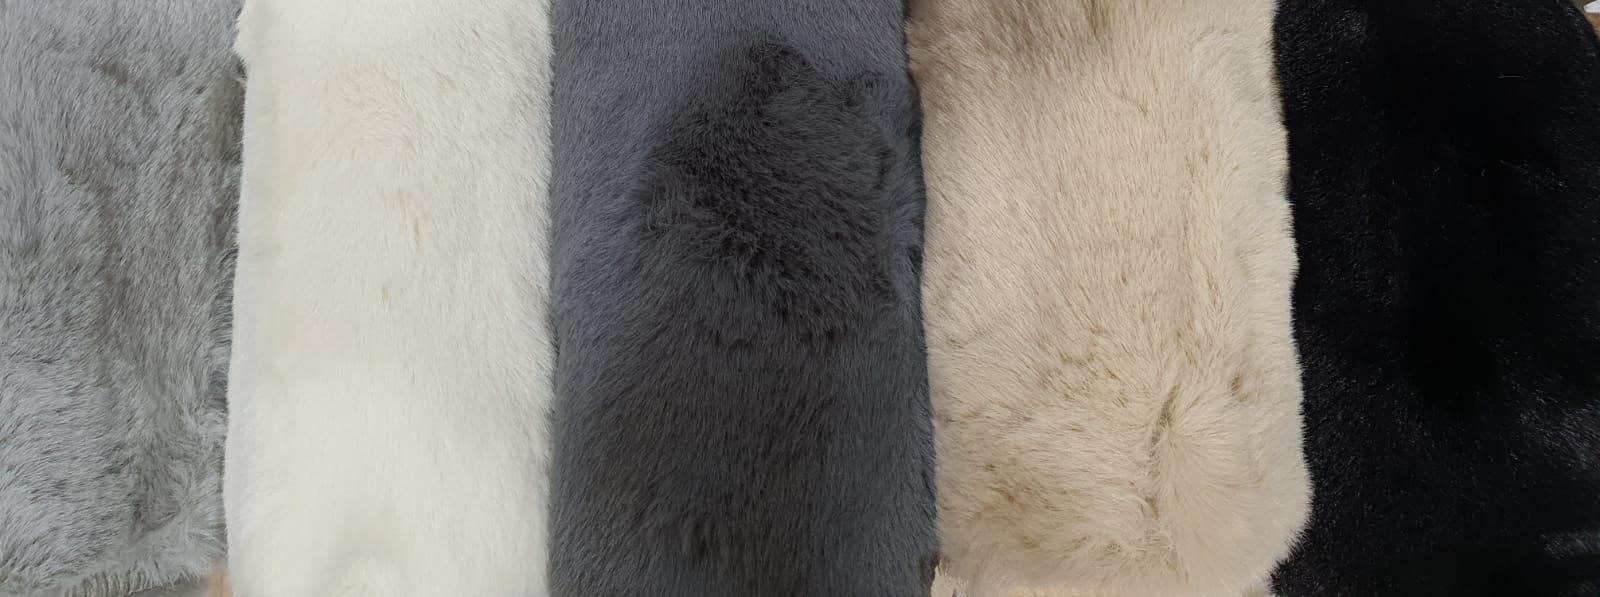 שטיח אמבטיה מוקה דגם Soft סופט - נעים במיוחד!